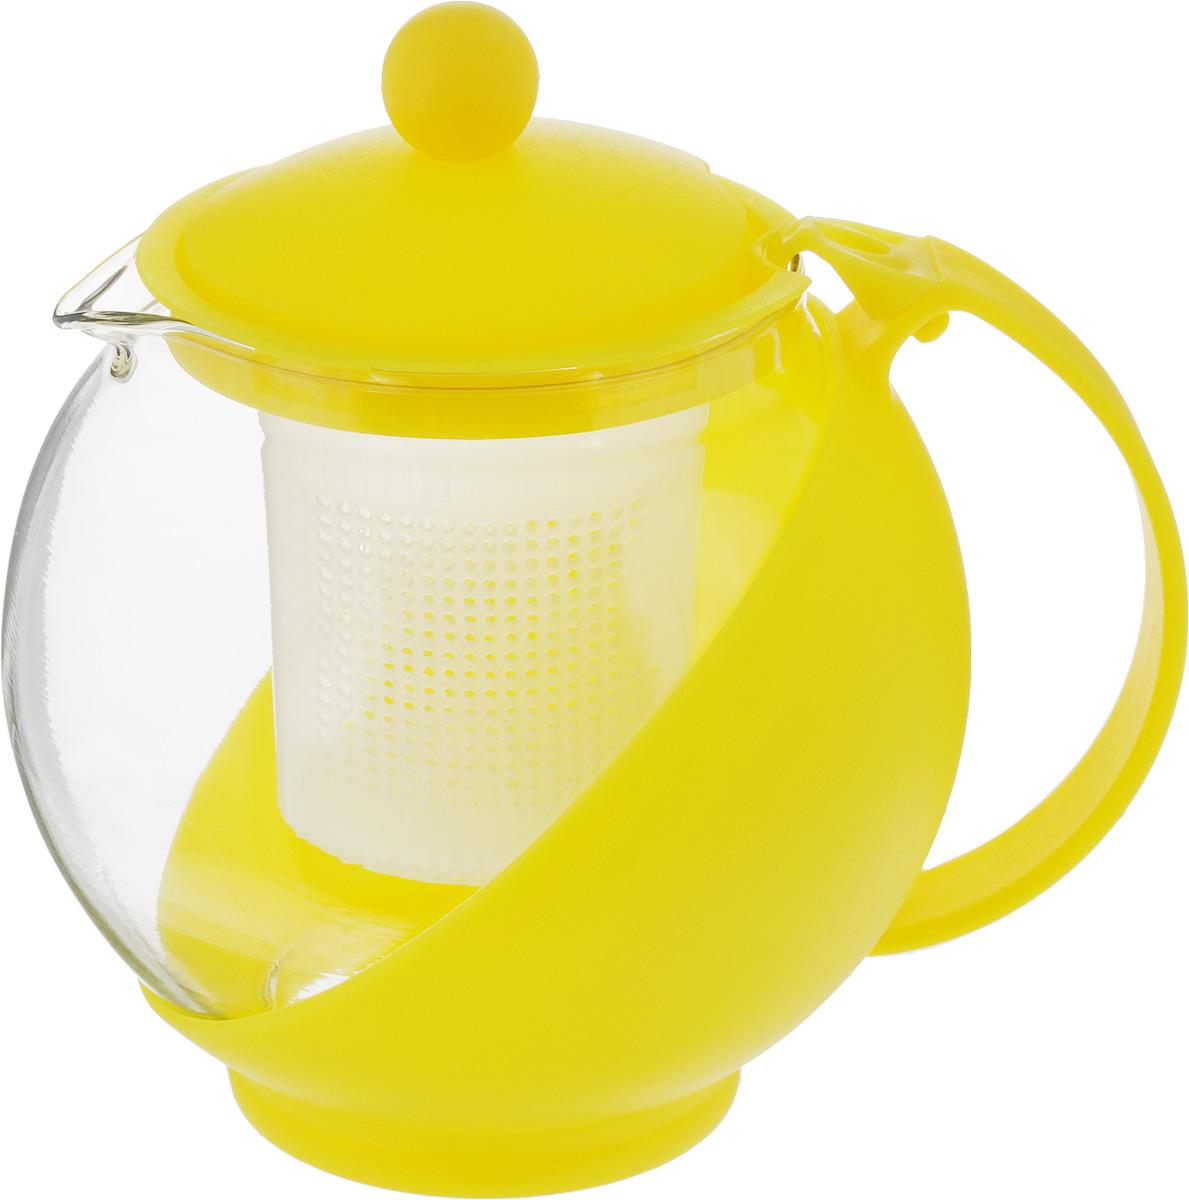 Чайник заварочный Wellberg Aqual, с фильтром, цвет: прозрачный, желтый, 750 мл115510Заварочный чайник Wellberg Aqual изготовлен из высококачественного пищевого пластика и жаропрочного стекла. Чайник имеет пластиковый фильтр и оснащен удобной ручкой. Крышка плотно закрывается, а удобный носик предотвращает проливание жидкости. Чайник прекрасно подойдет для заваривания чая и травяных напитков. Высота чайника (без учета крышки): 11,5 см.Высота чайника (с учетом крышки): 14 см. Диаметр (по верхнему краю): 8 см.Высота фильтра: 6,5 см.